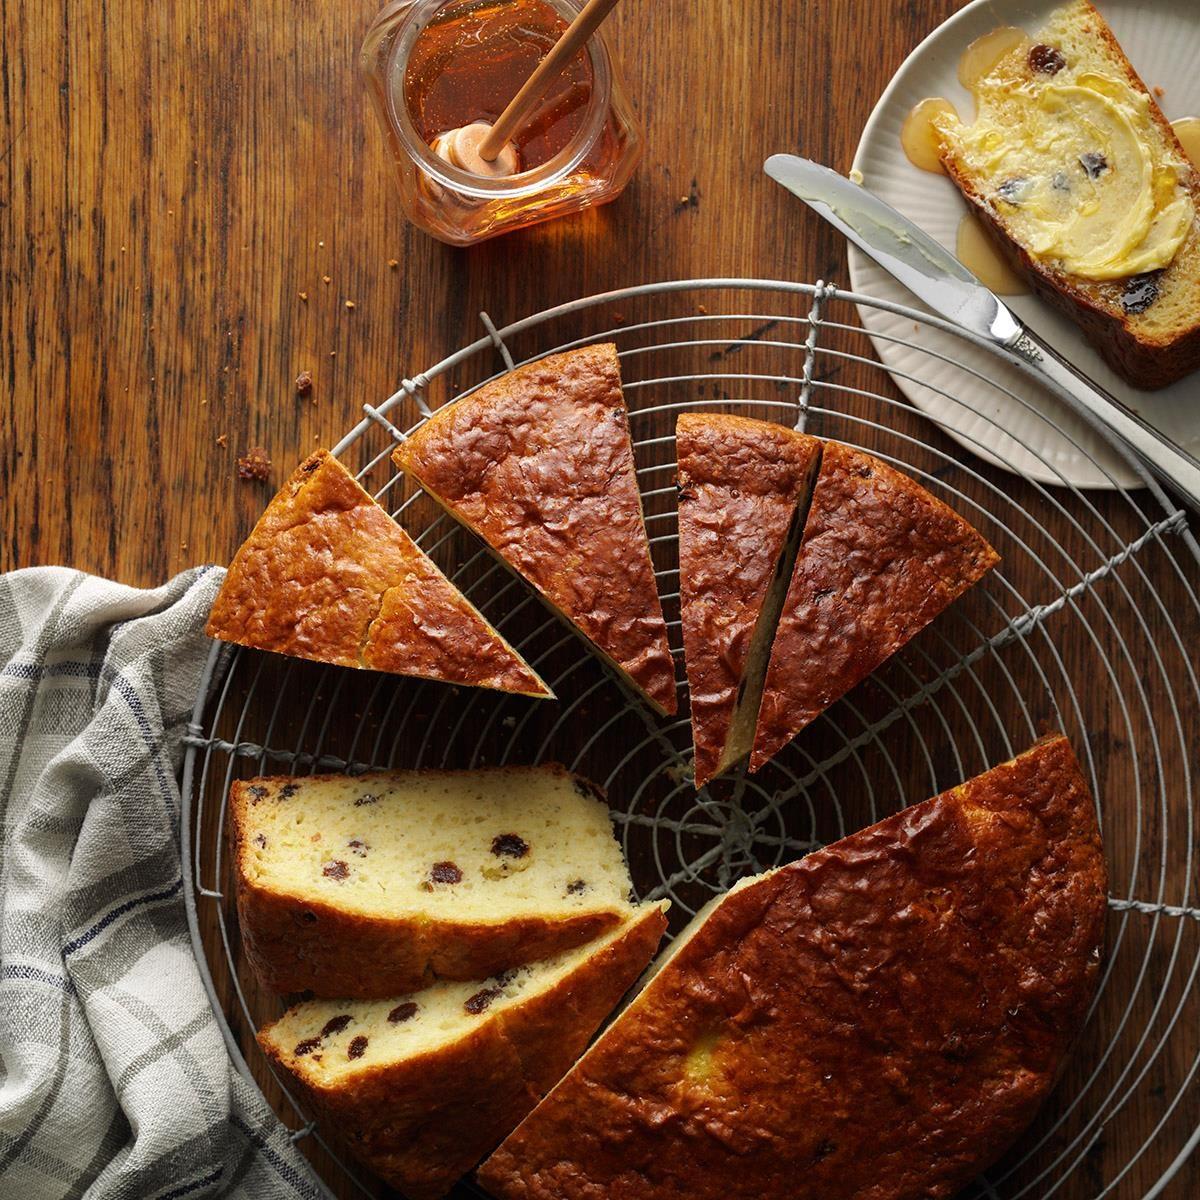 Favourite Irish soda bread recipe